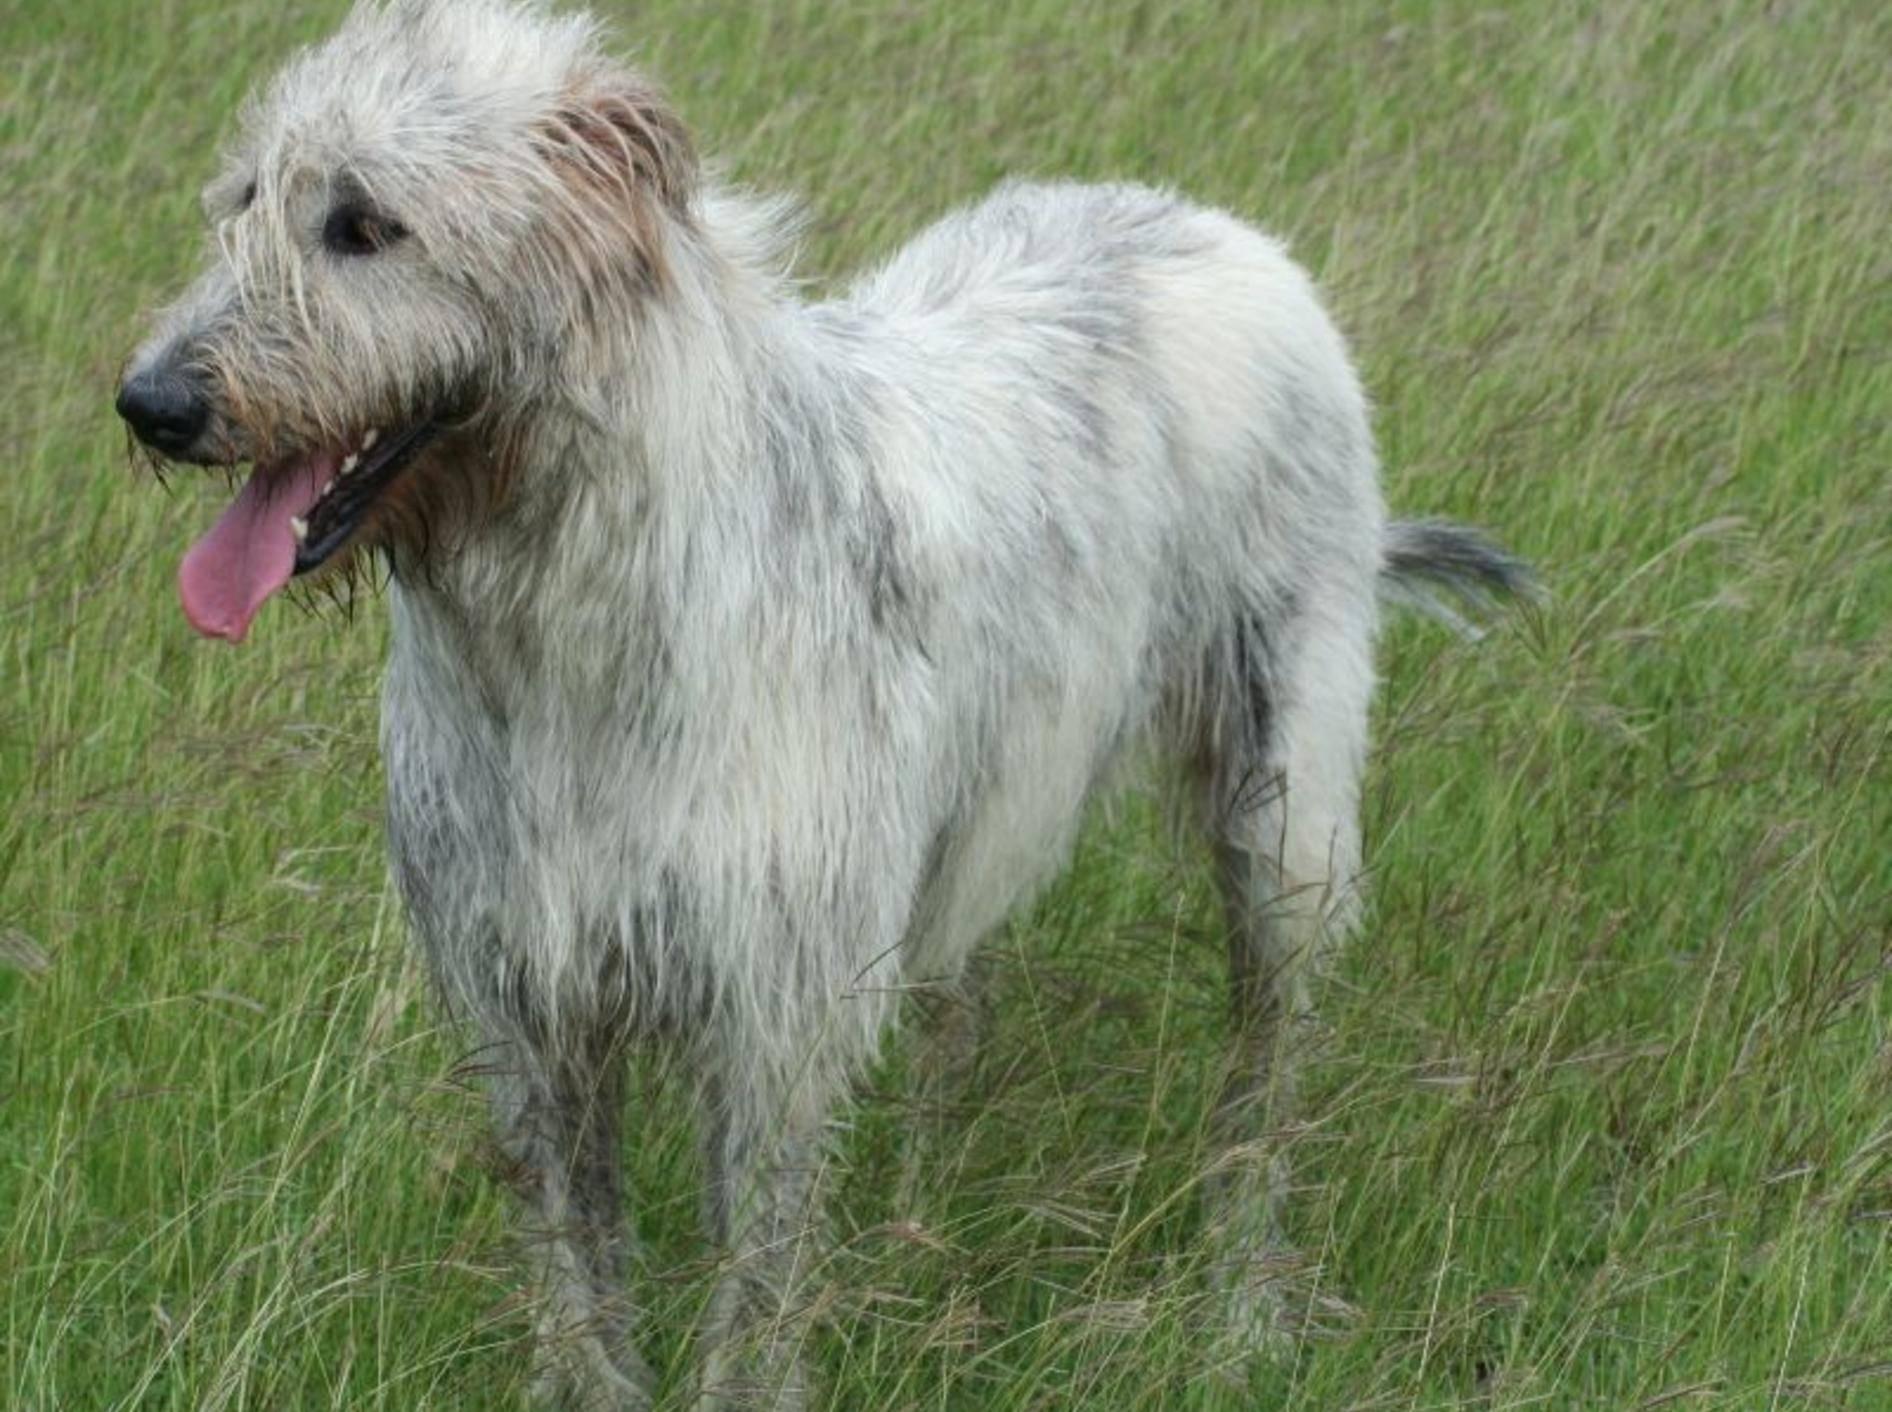 Ein Riese mit sanftem Charakter: Der Irische Wolfshund – Bild: Shutterstock / Poppography